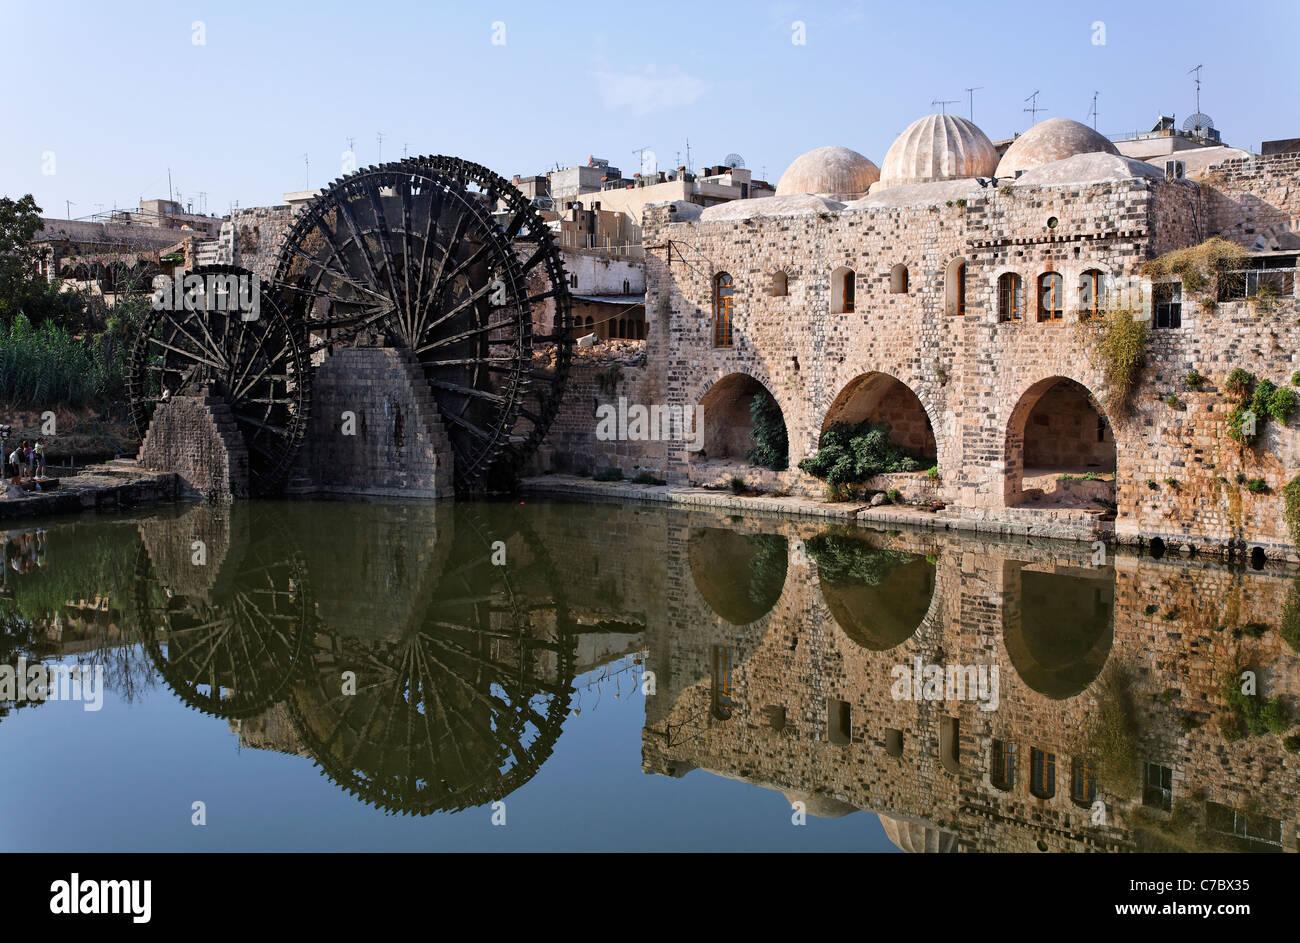 Ruote di acqua in corrispondenza di Hama, Siria Immagini Stock